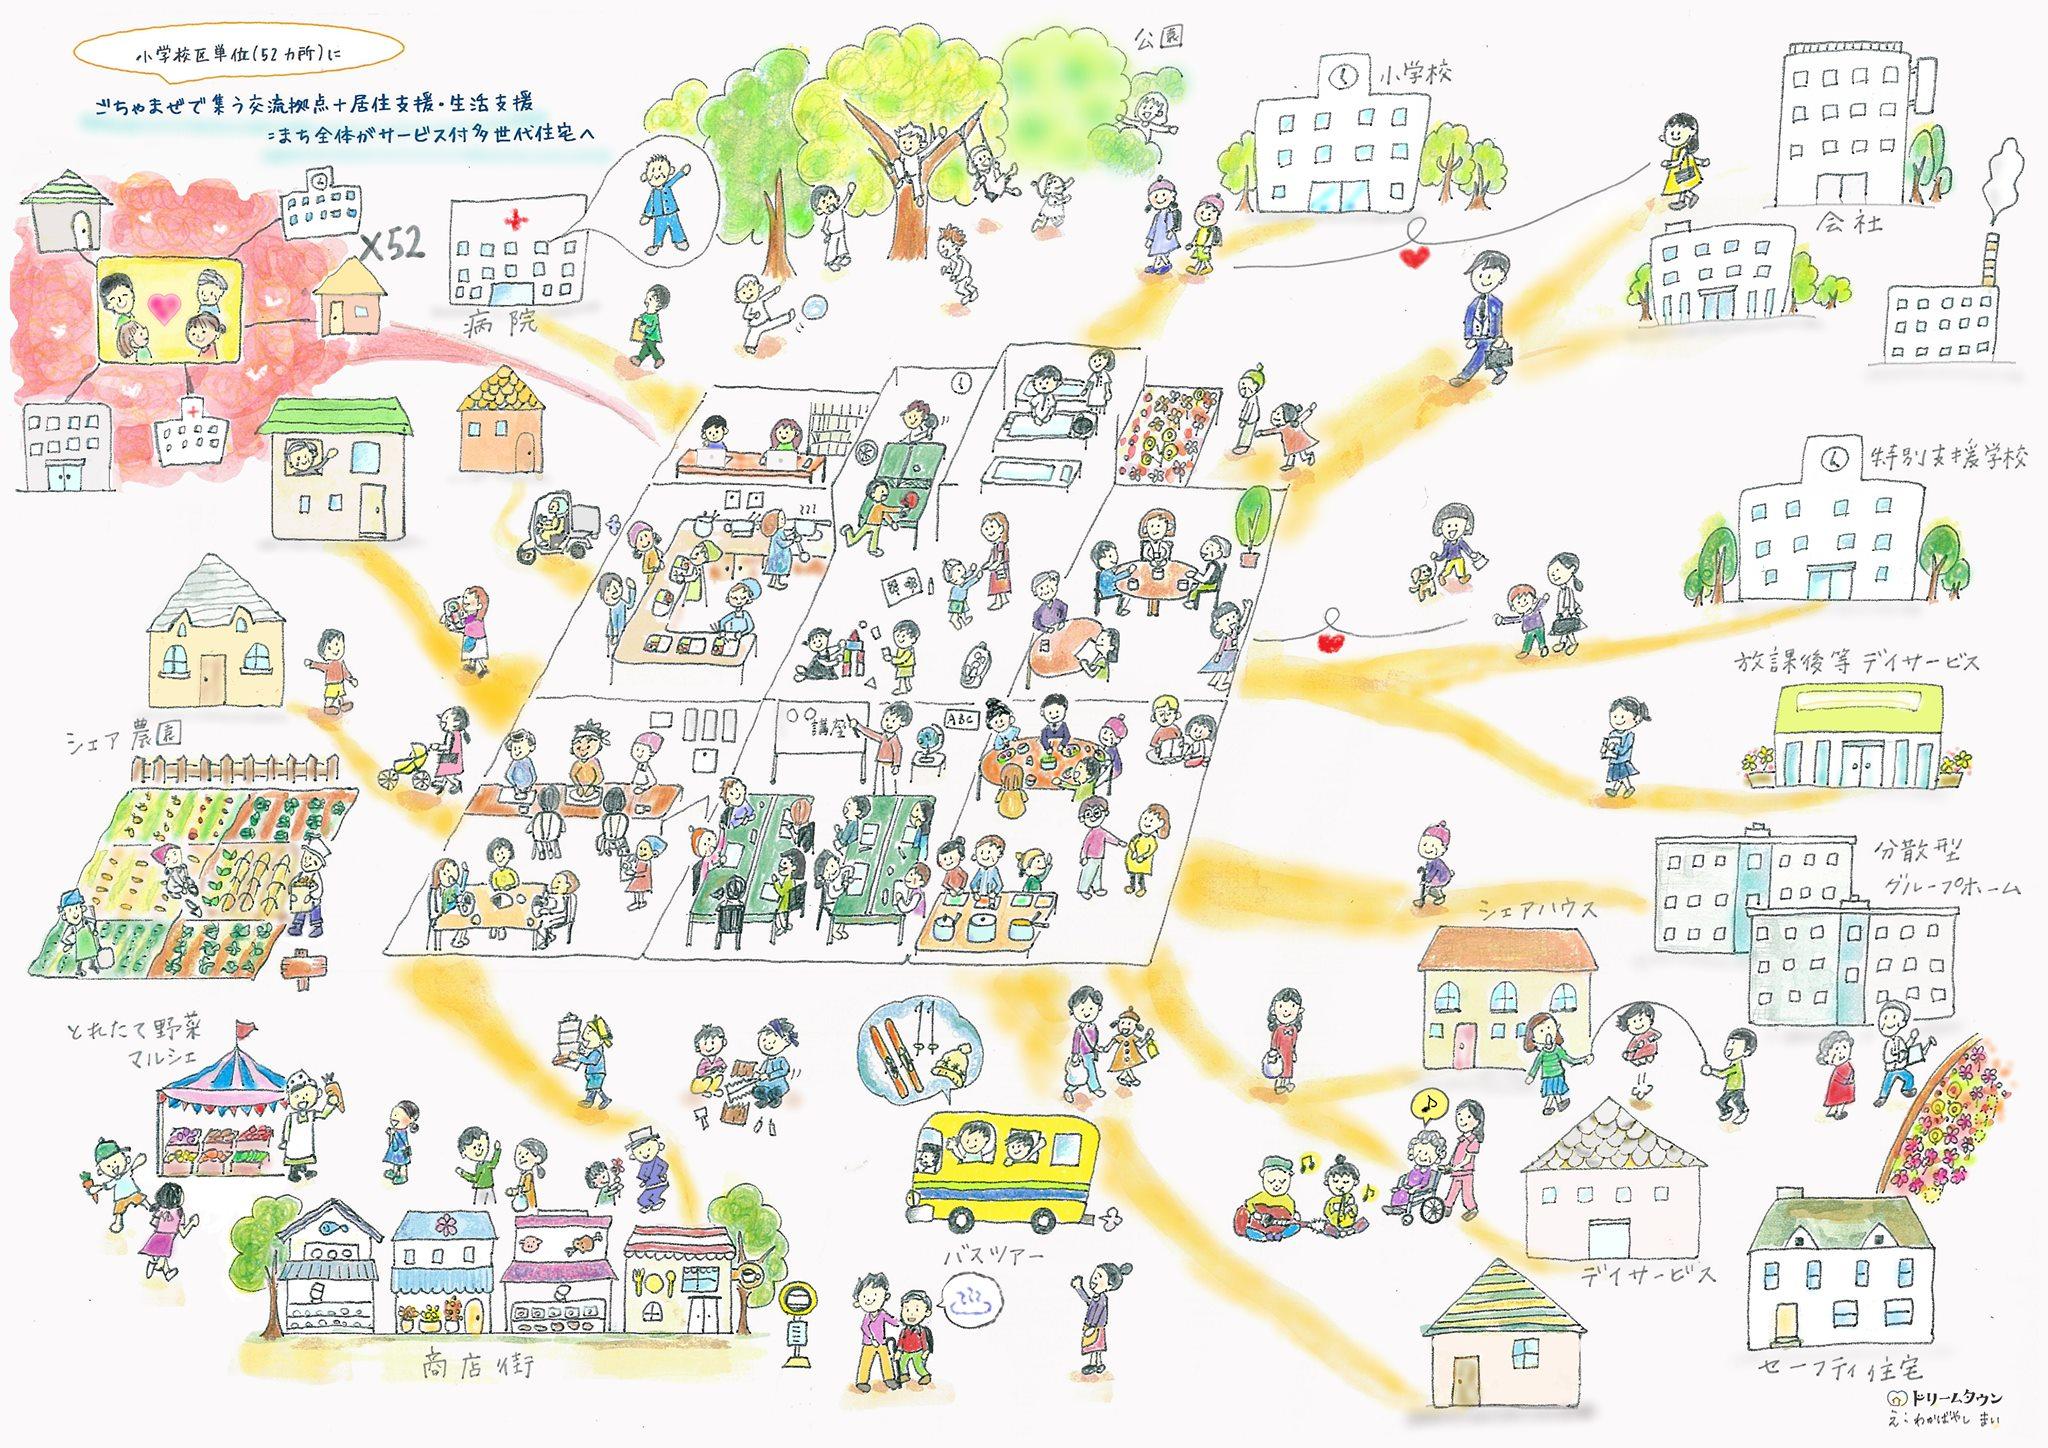 1/15(金)20:30~ 板橋区向原に子どもたちの居場所をつくろう! 〜どんな居場所をつくりたい?それを叶える仕組みを考えよう〜